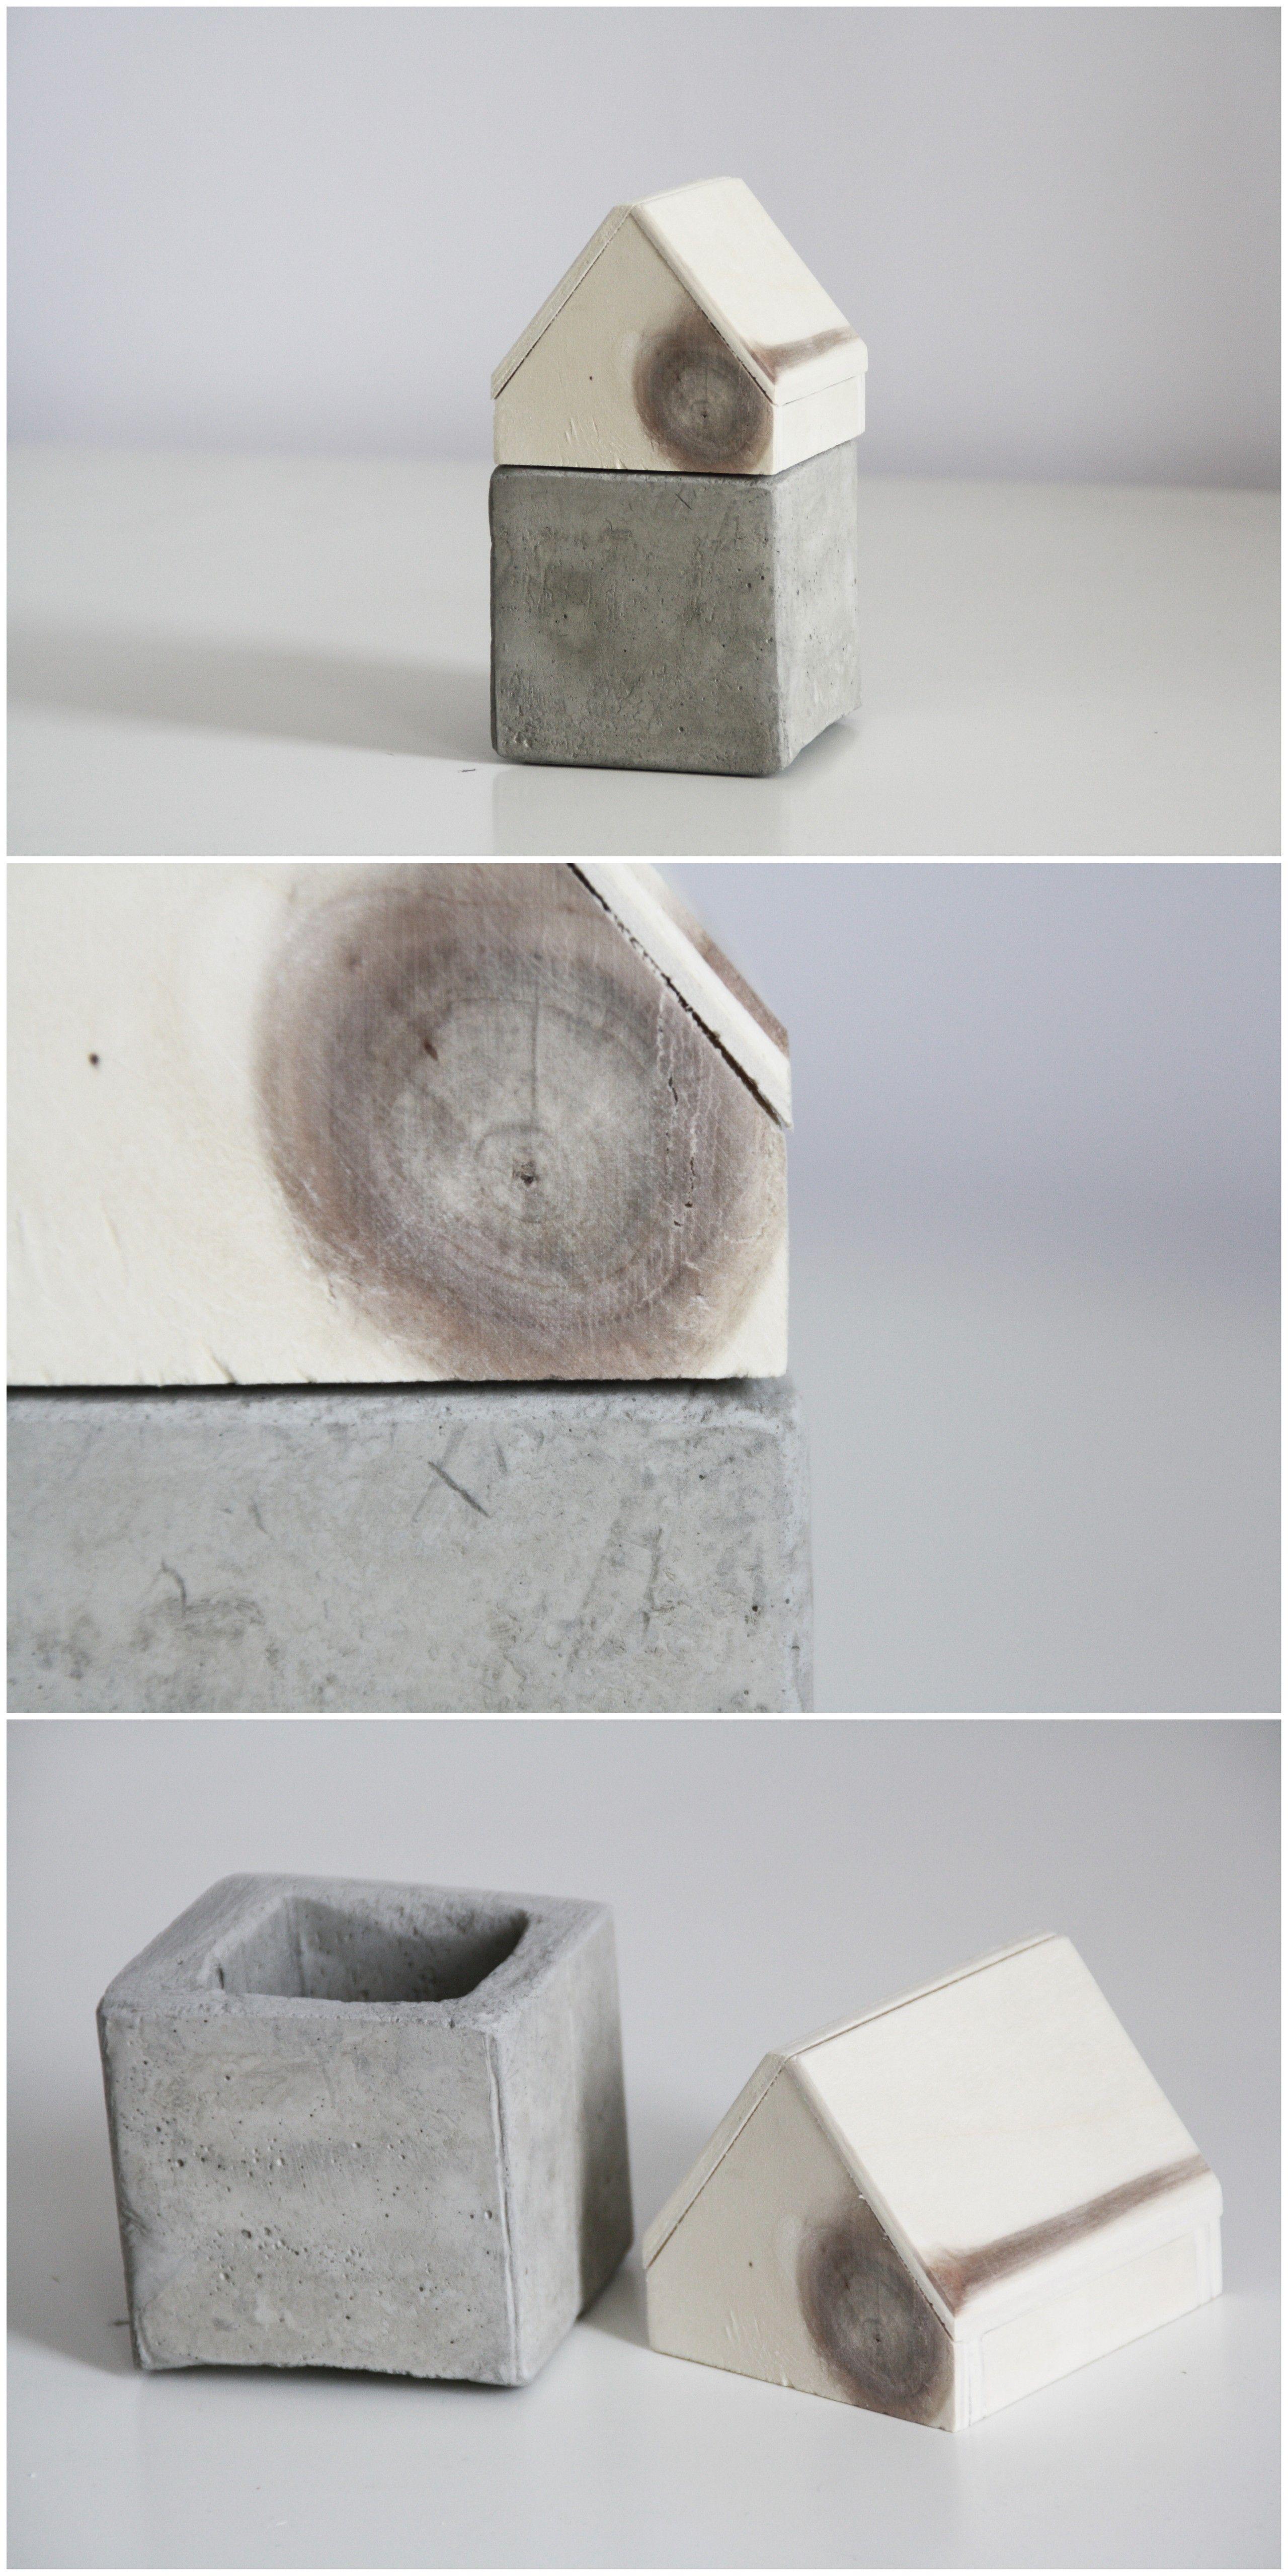 DIY Holz Beton Haus Als Aufbewahrung | Do It Yourself Storage | Deko |  Basteln |